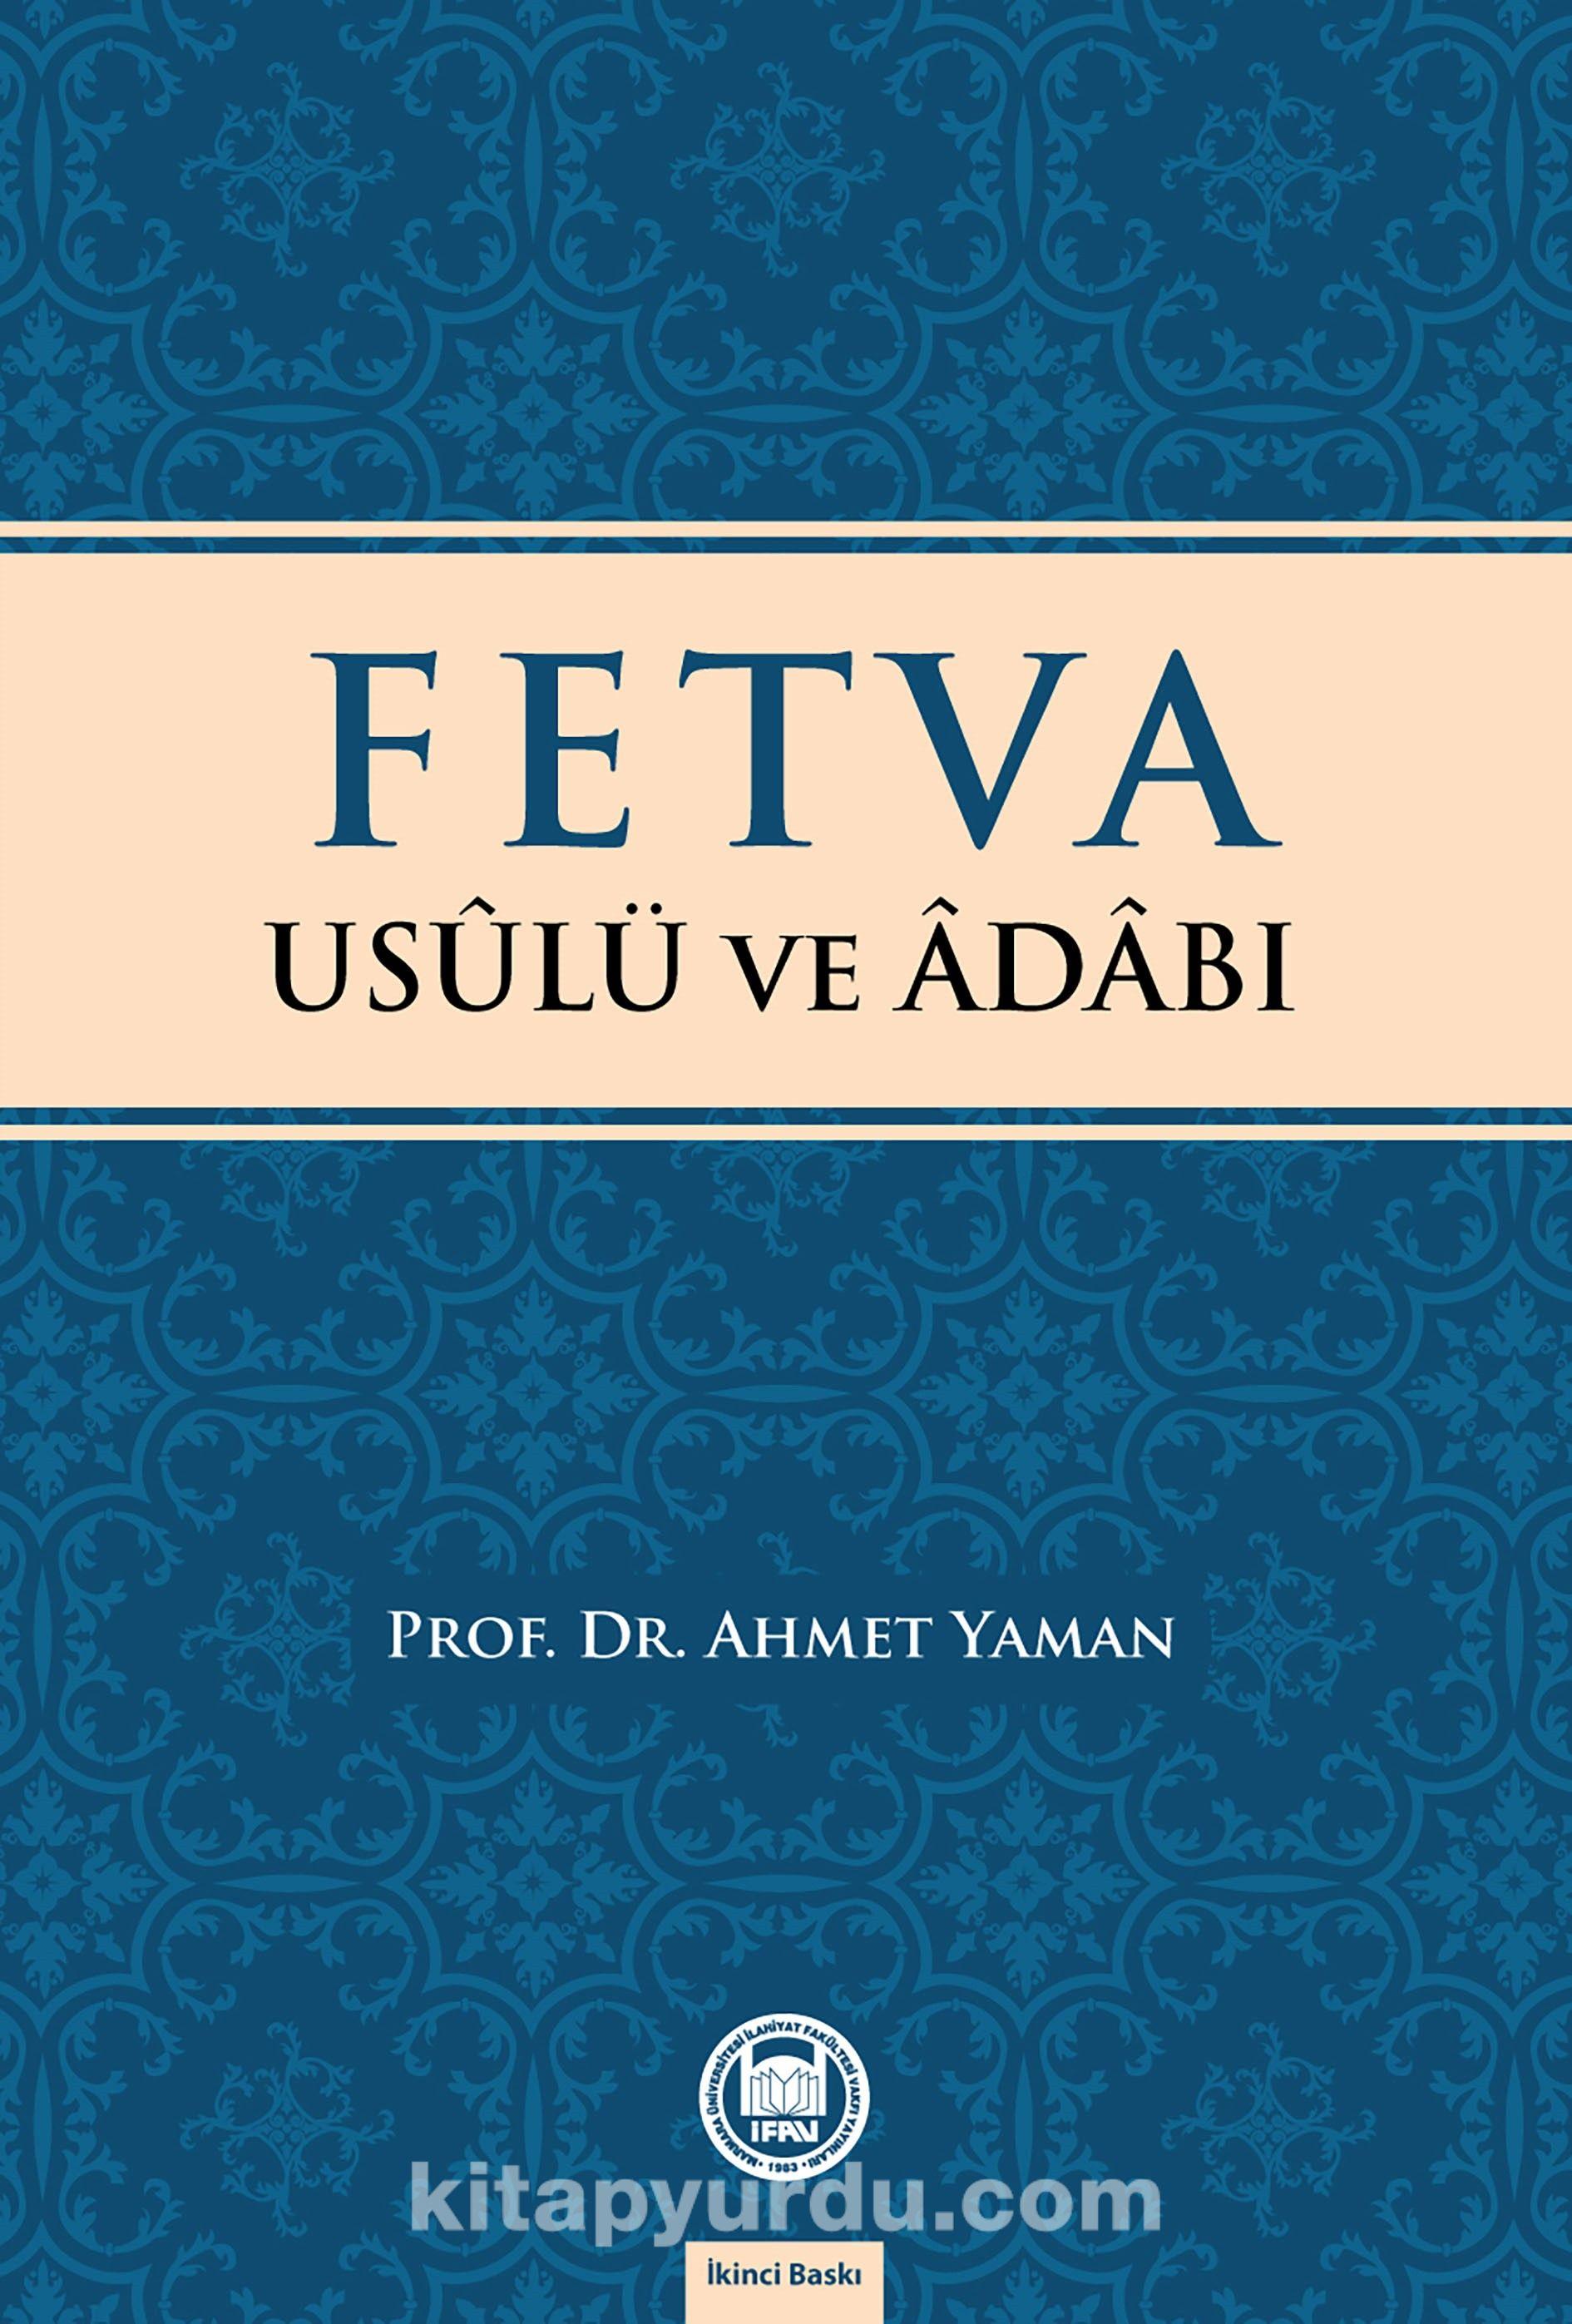 Fetva Usulü ve Adabı - Prof. Dr. Ahmet Yaman pdf epub